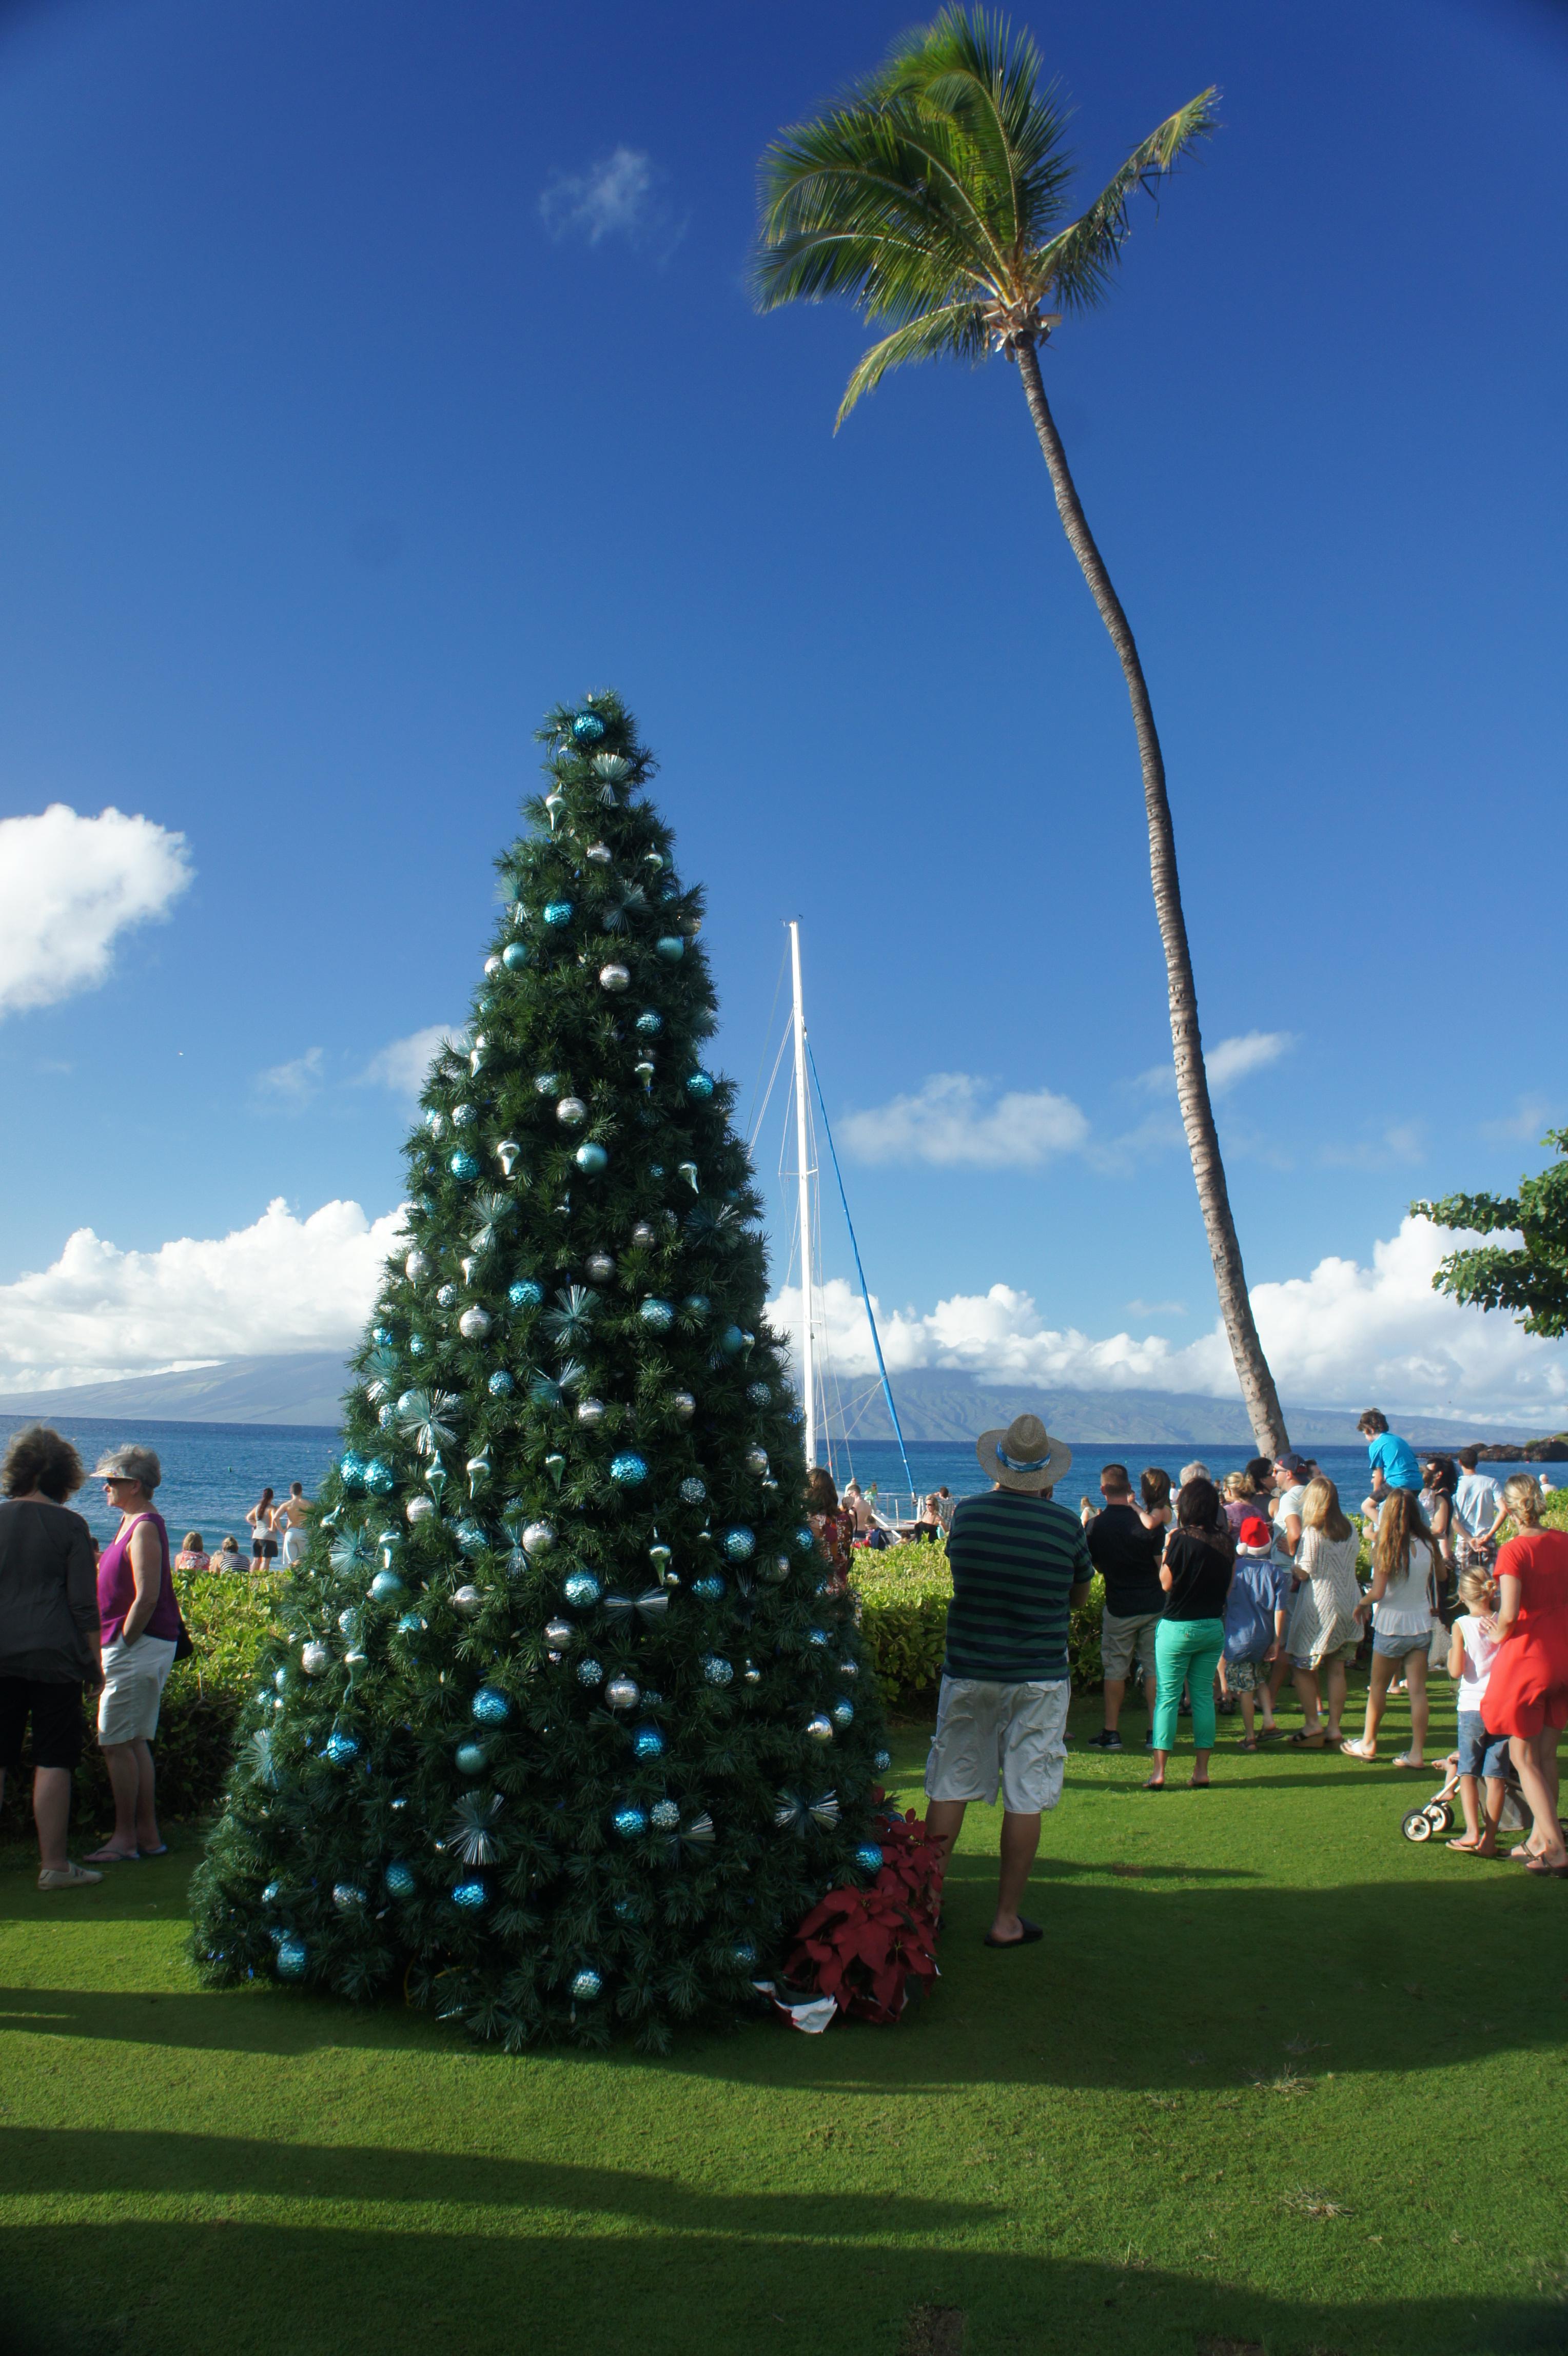 Favorite Maui Christmas Photos | One Week on Maui